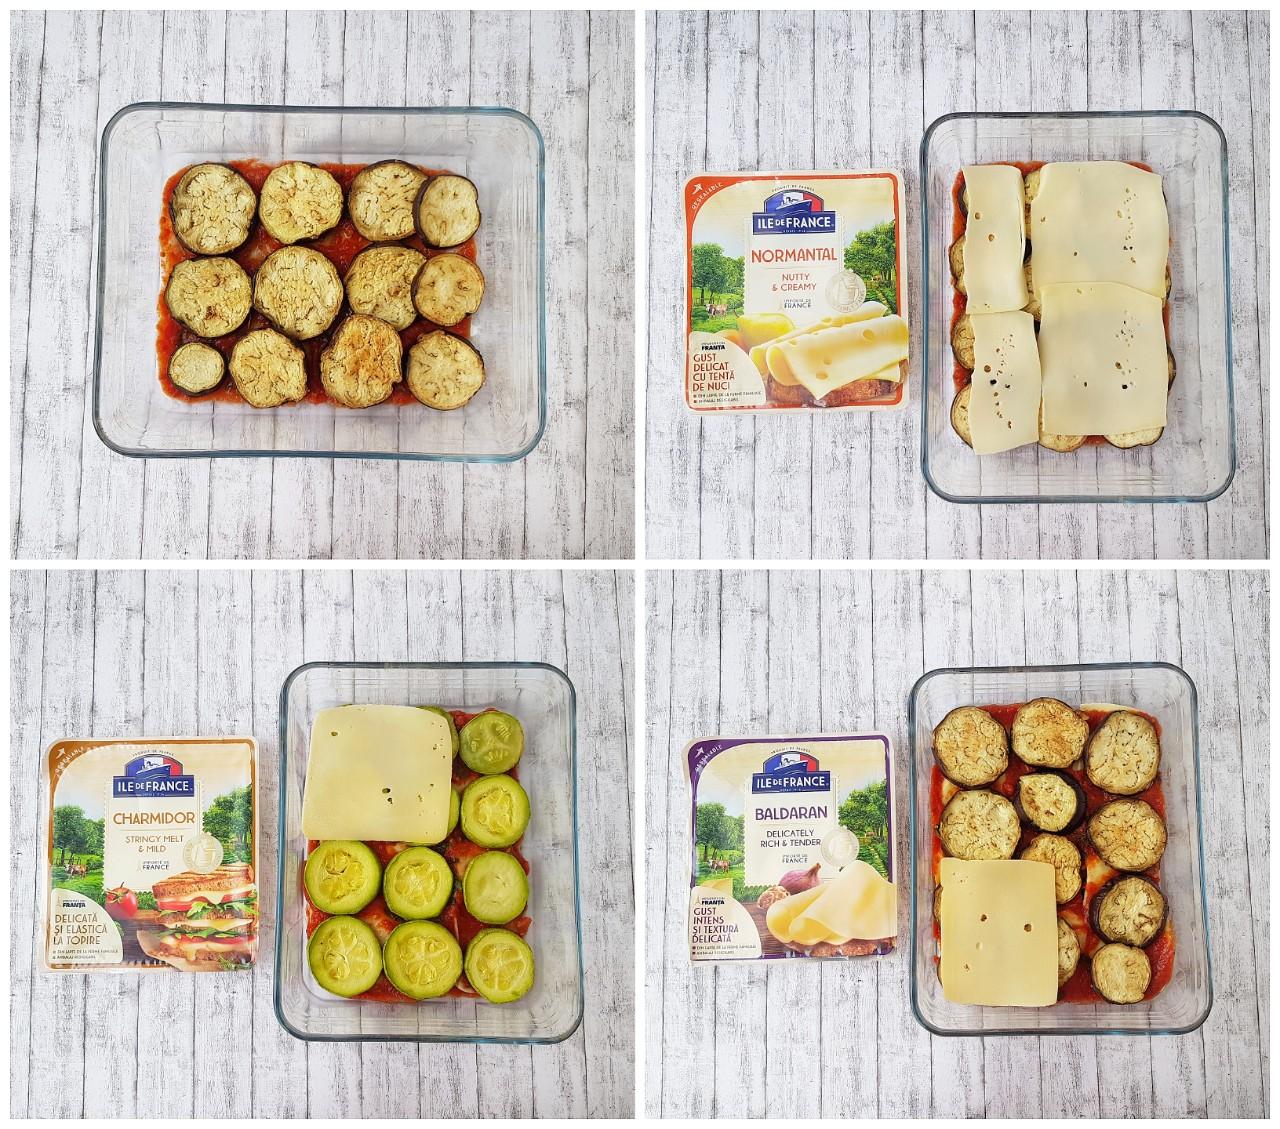 Legume -mille feuille - cu trei tipuri de branza Ile de France - foodieopedia.ro